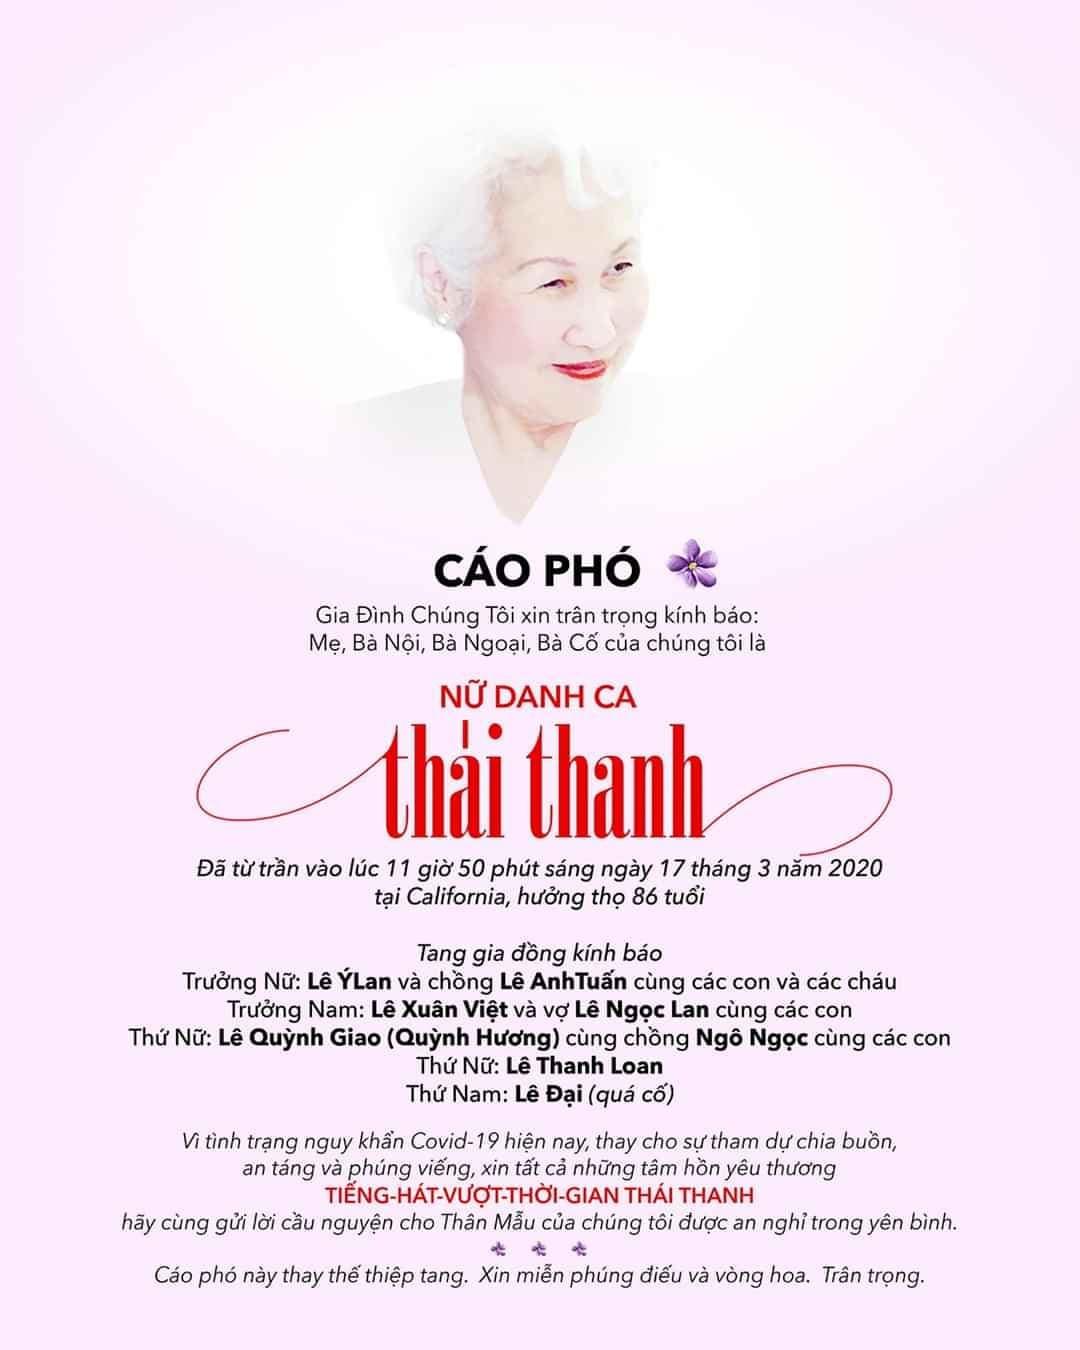 Gia đình không tổ chức lễ viếng danh ca Thái Thanh vì Covid-19